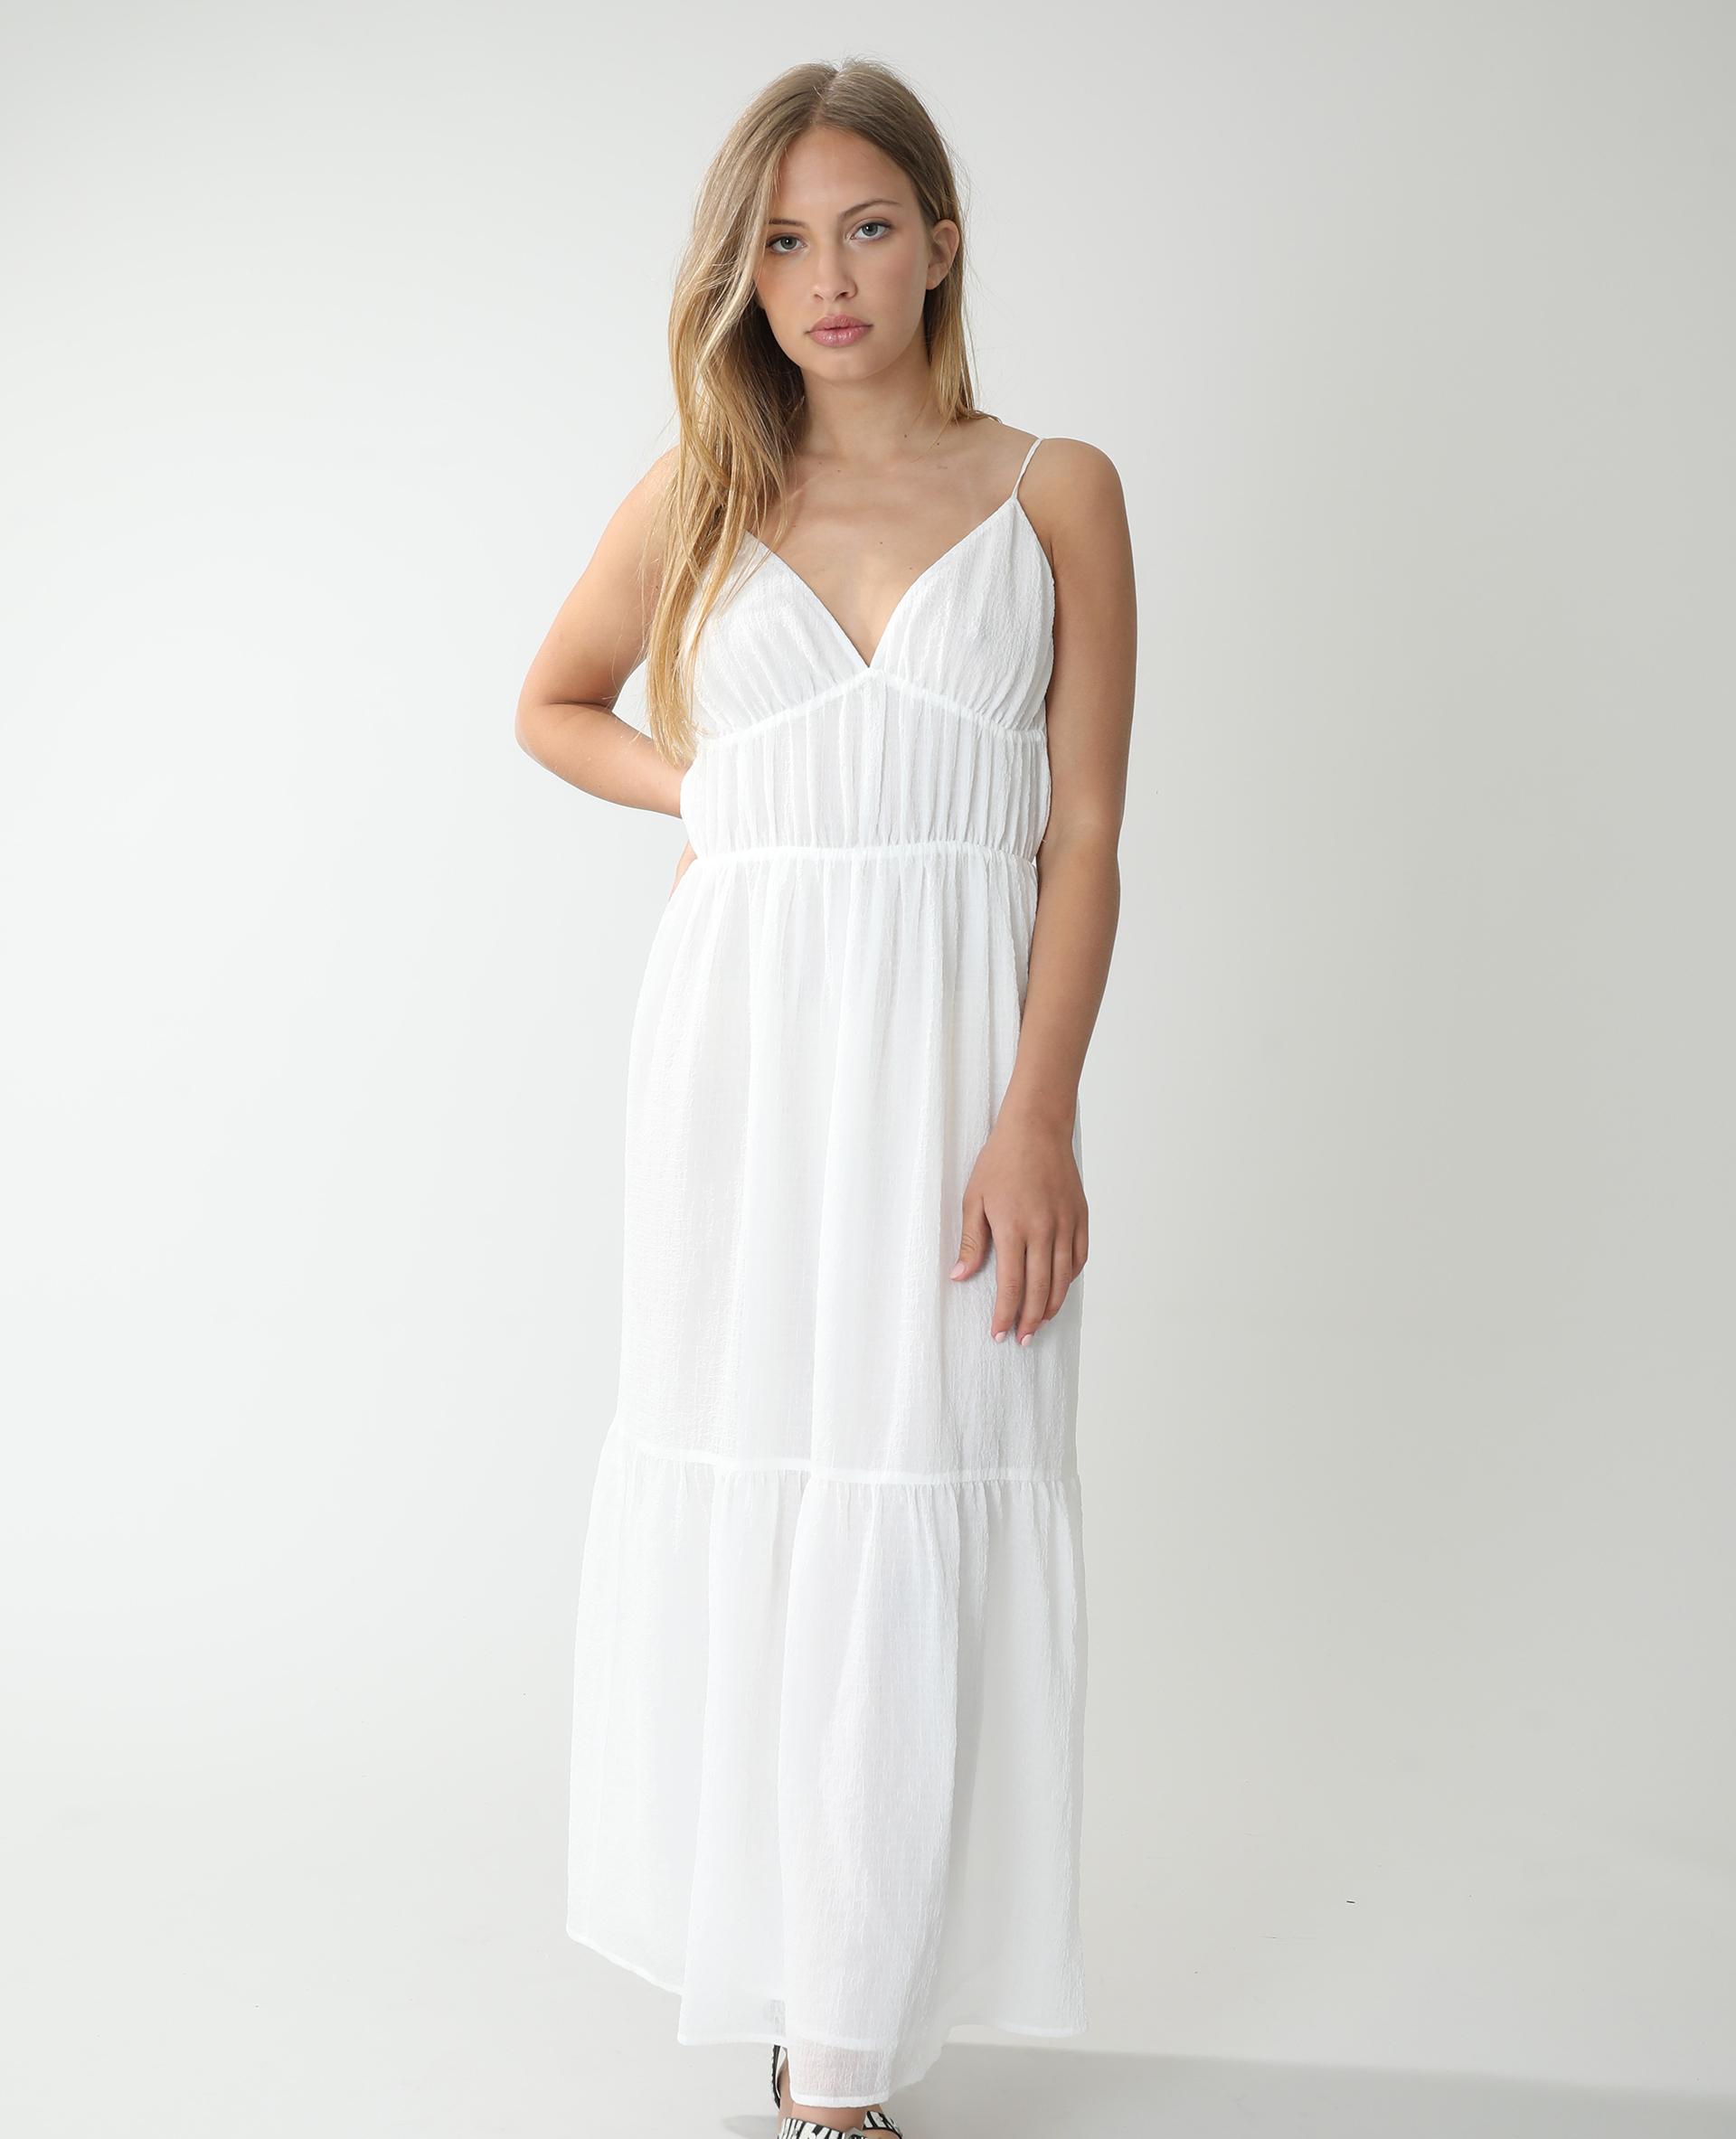 Robe longue vaporeuse blanc cassé - Pimkie